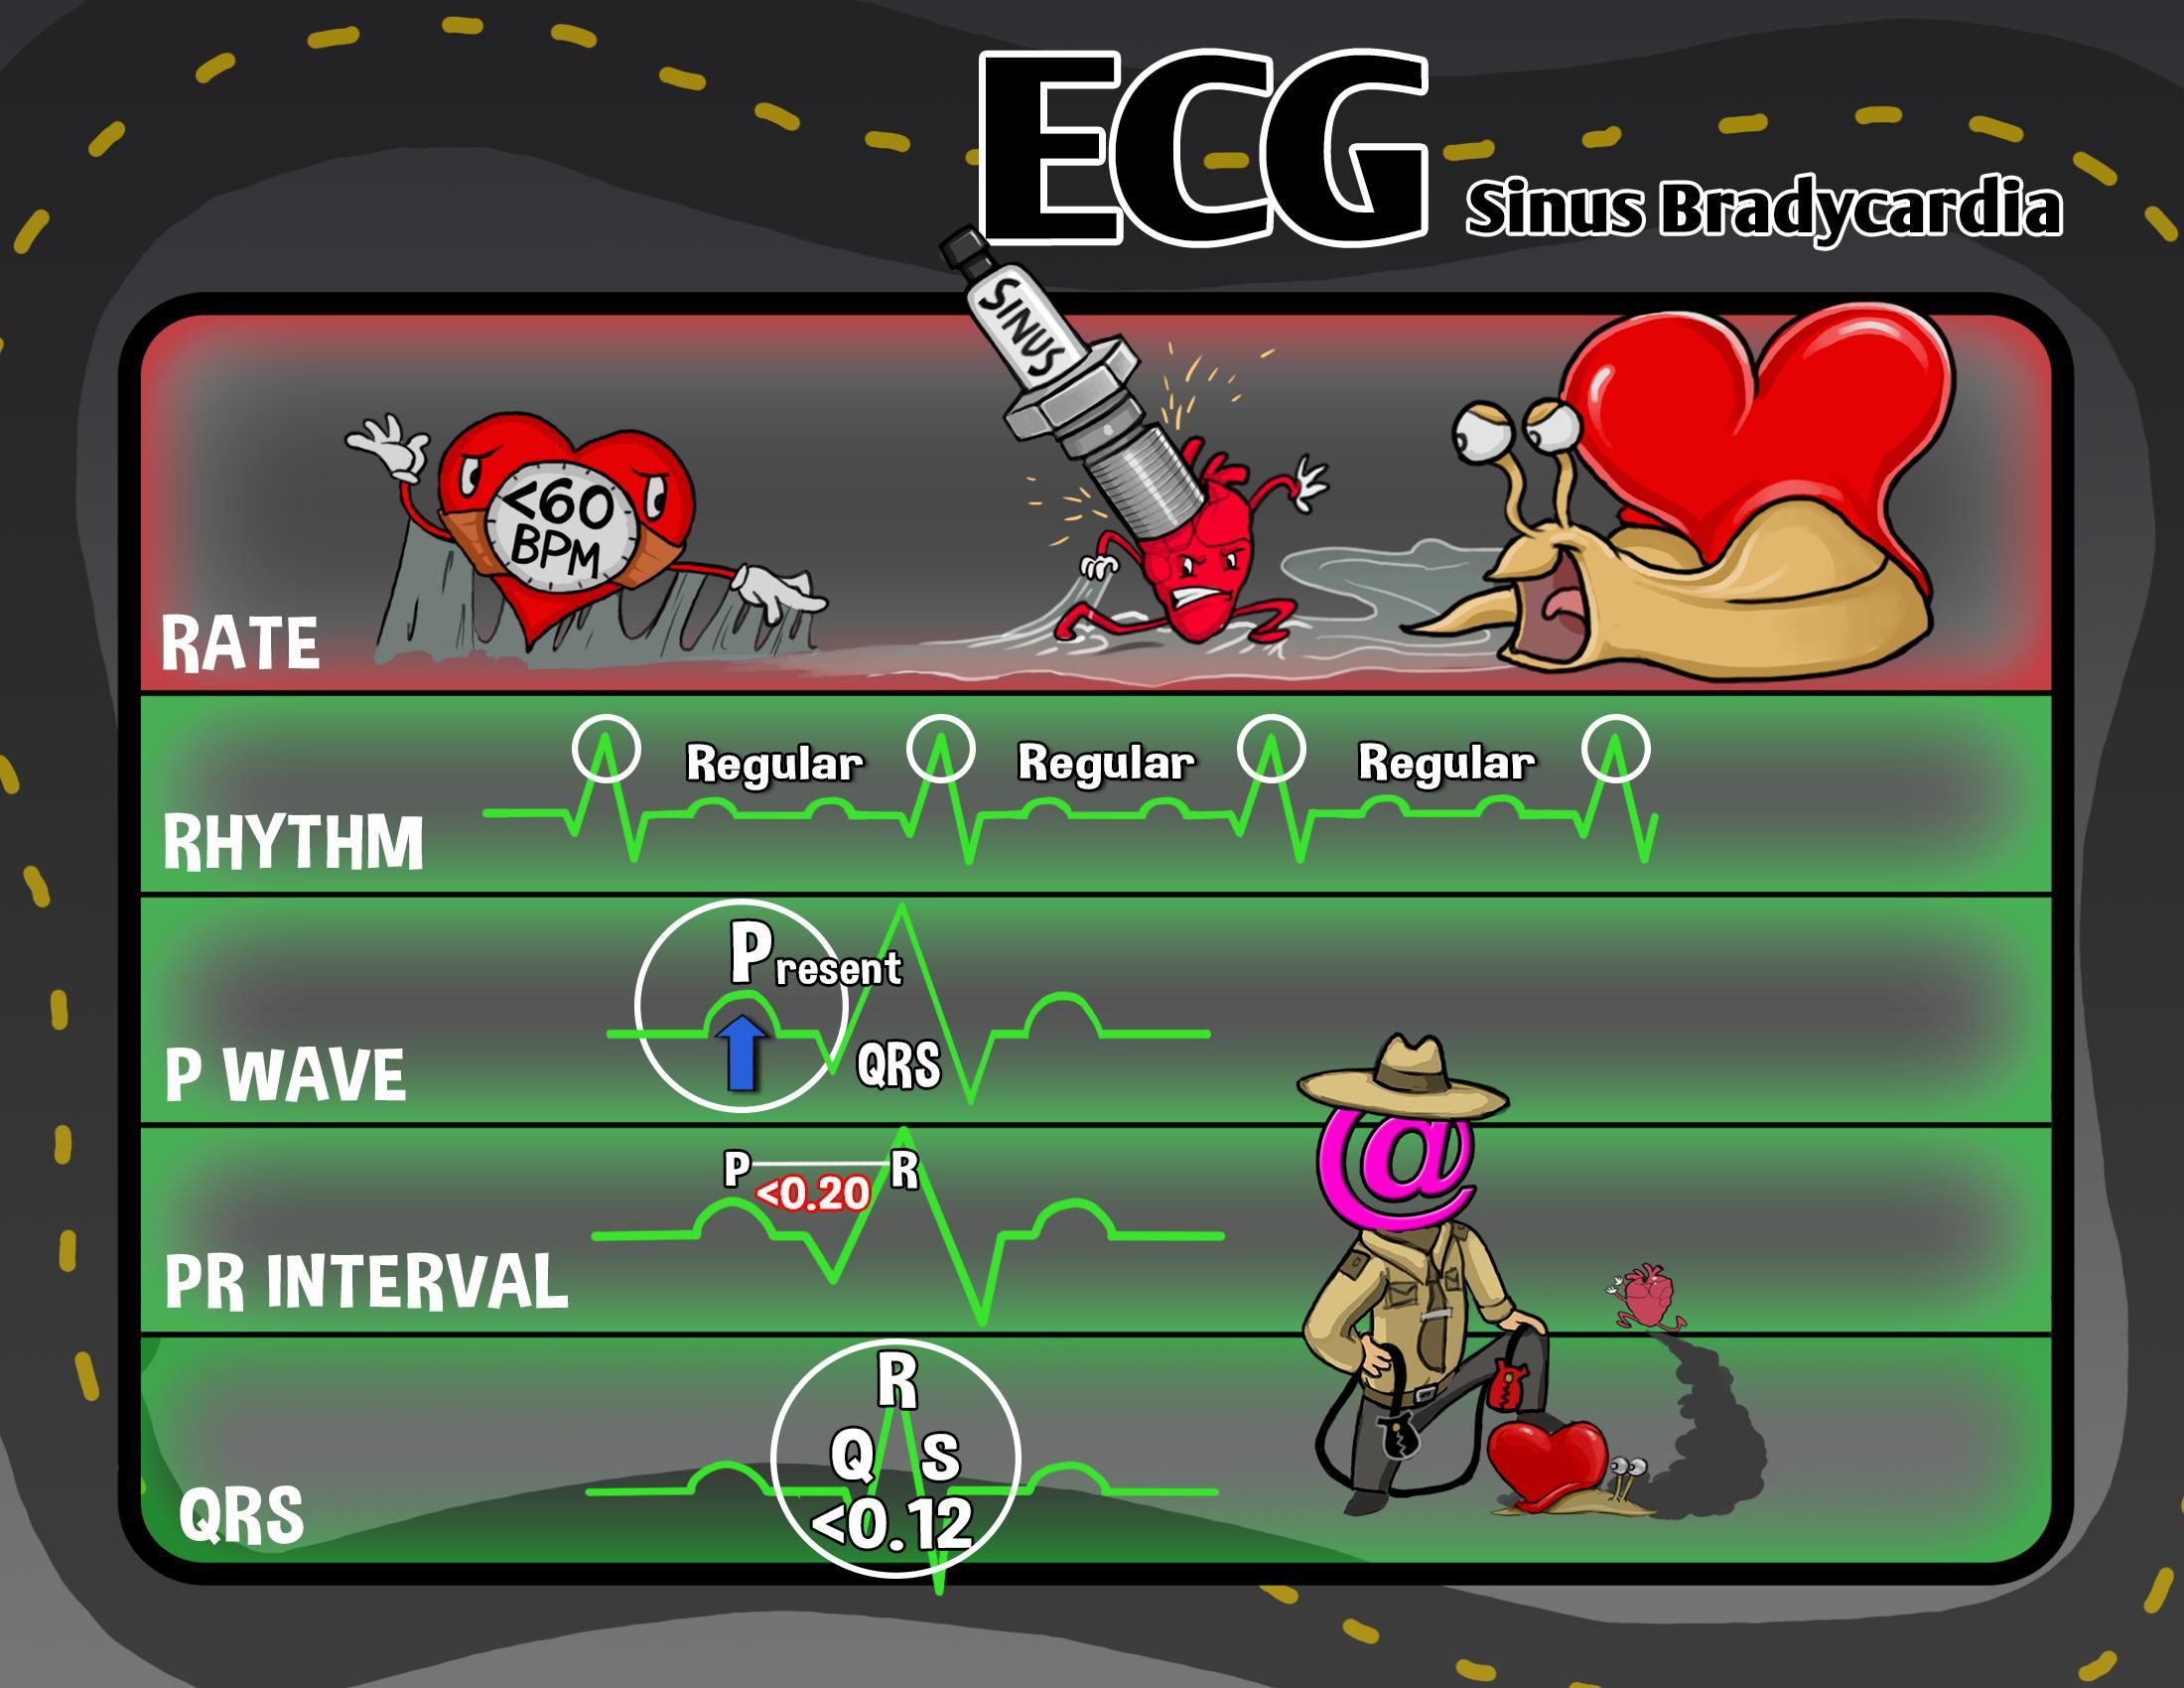 ECG: Sinus Bradycardia